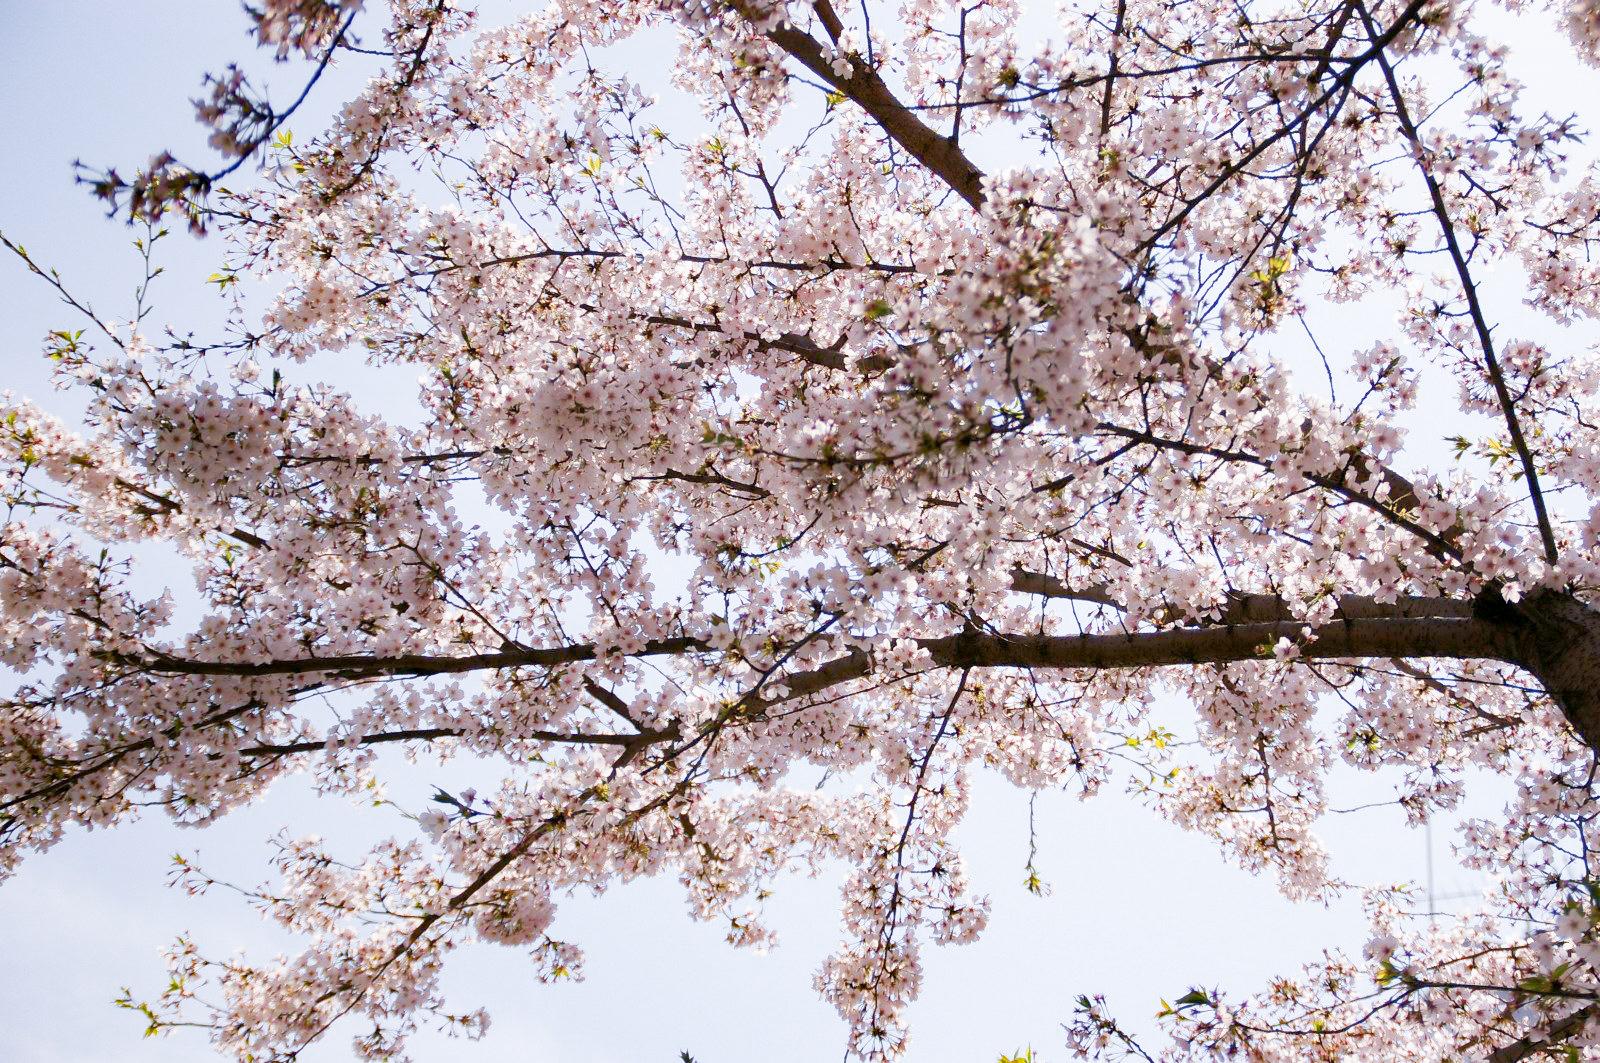 よく晴れた空に桜の花